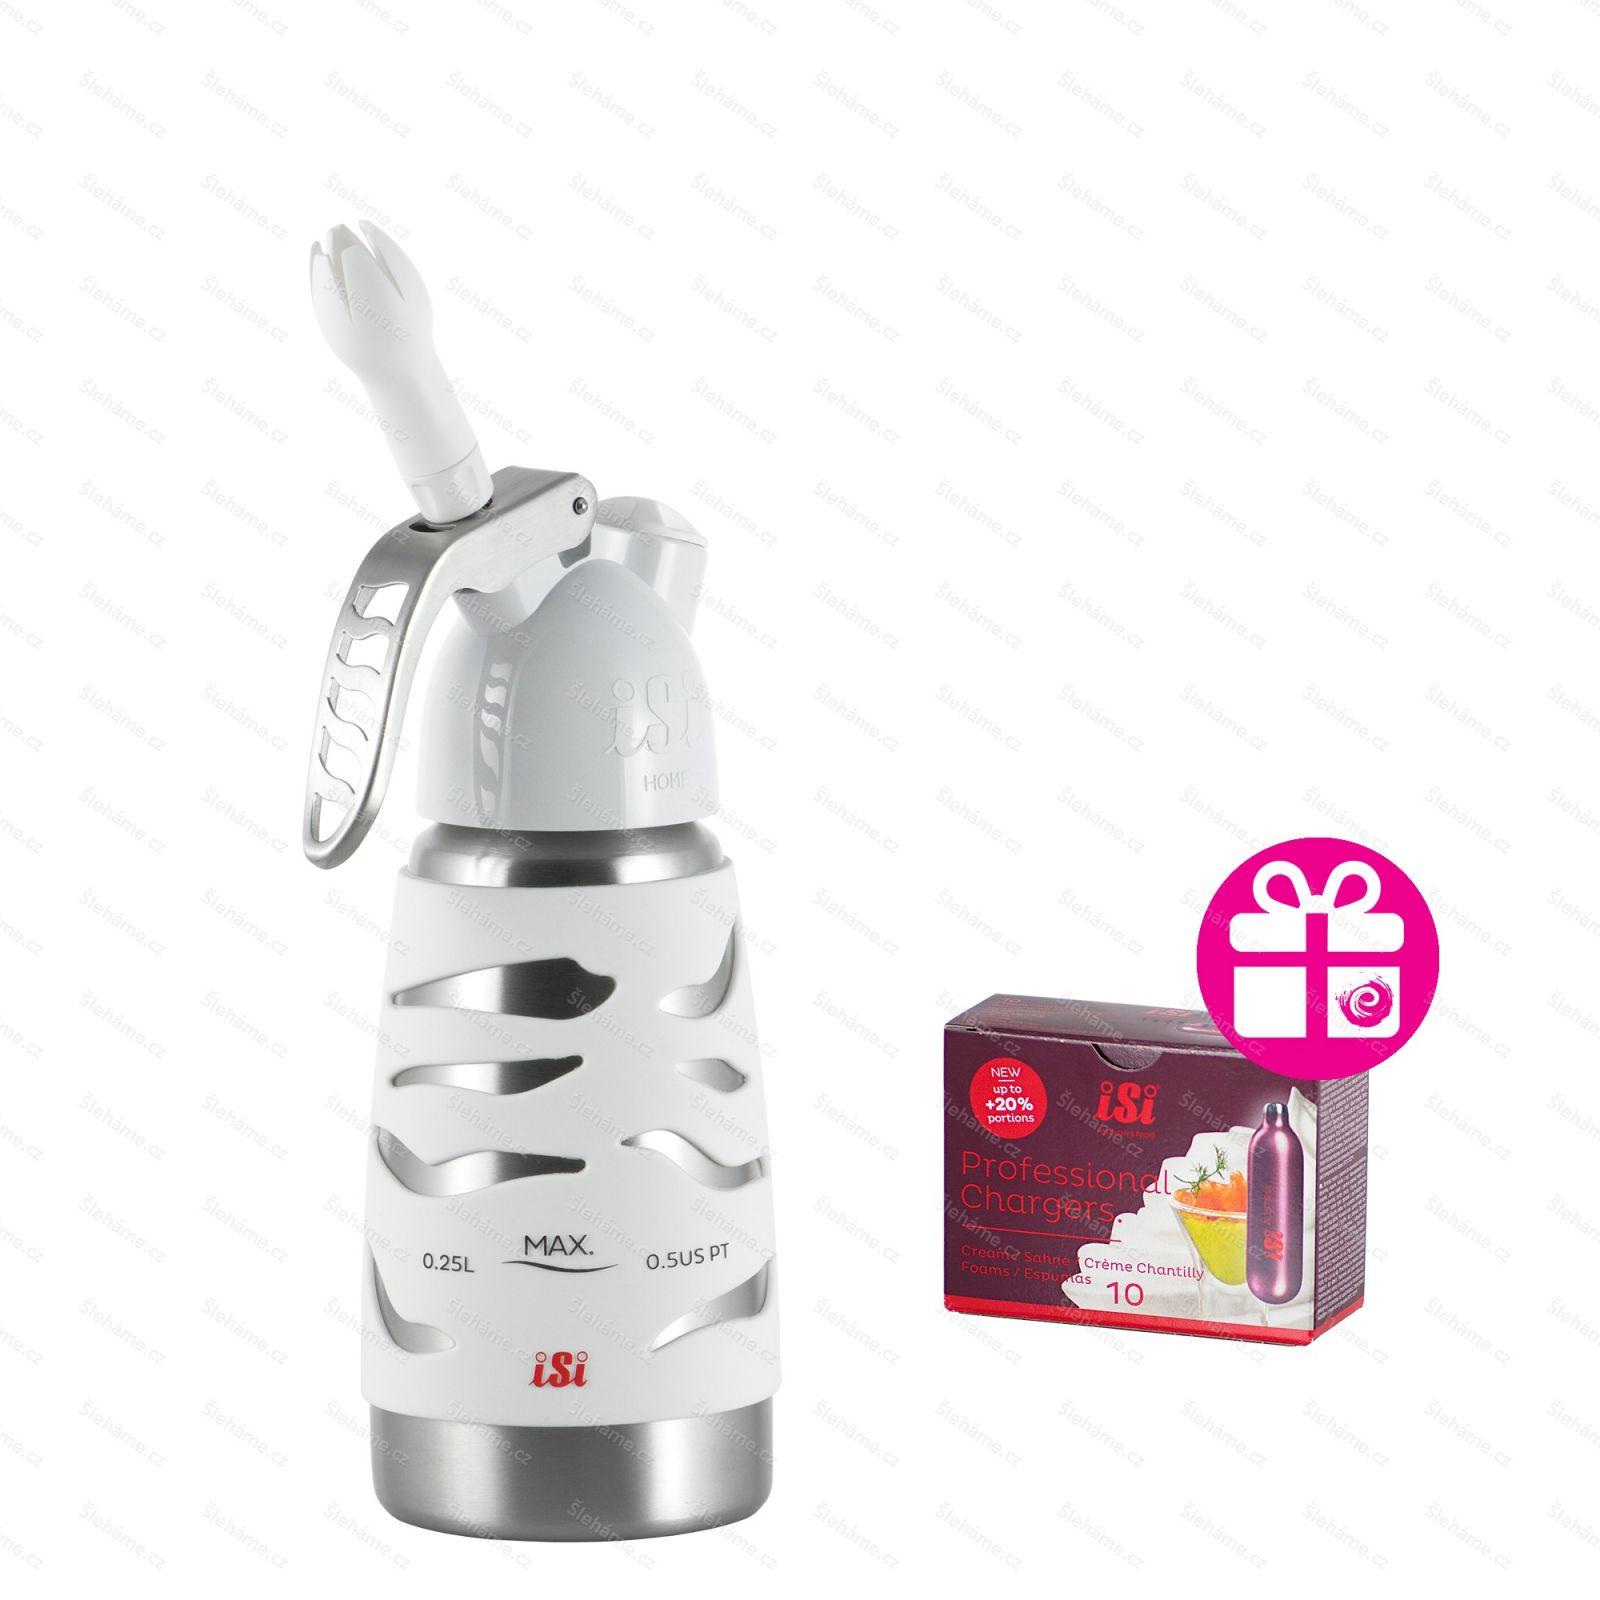 Šlehačková láhev iSi DESSERT WHIP PLUS 0.25 l, bílá